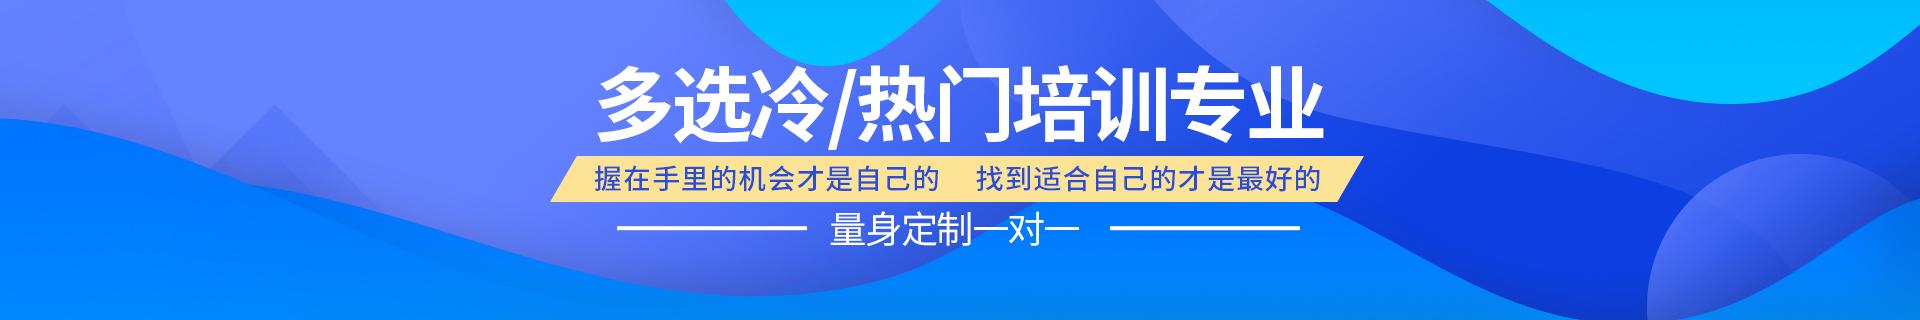 广东远程学历